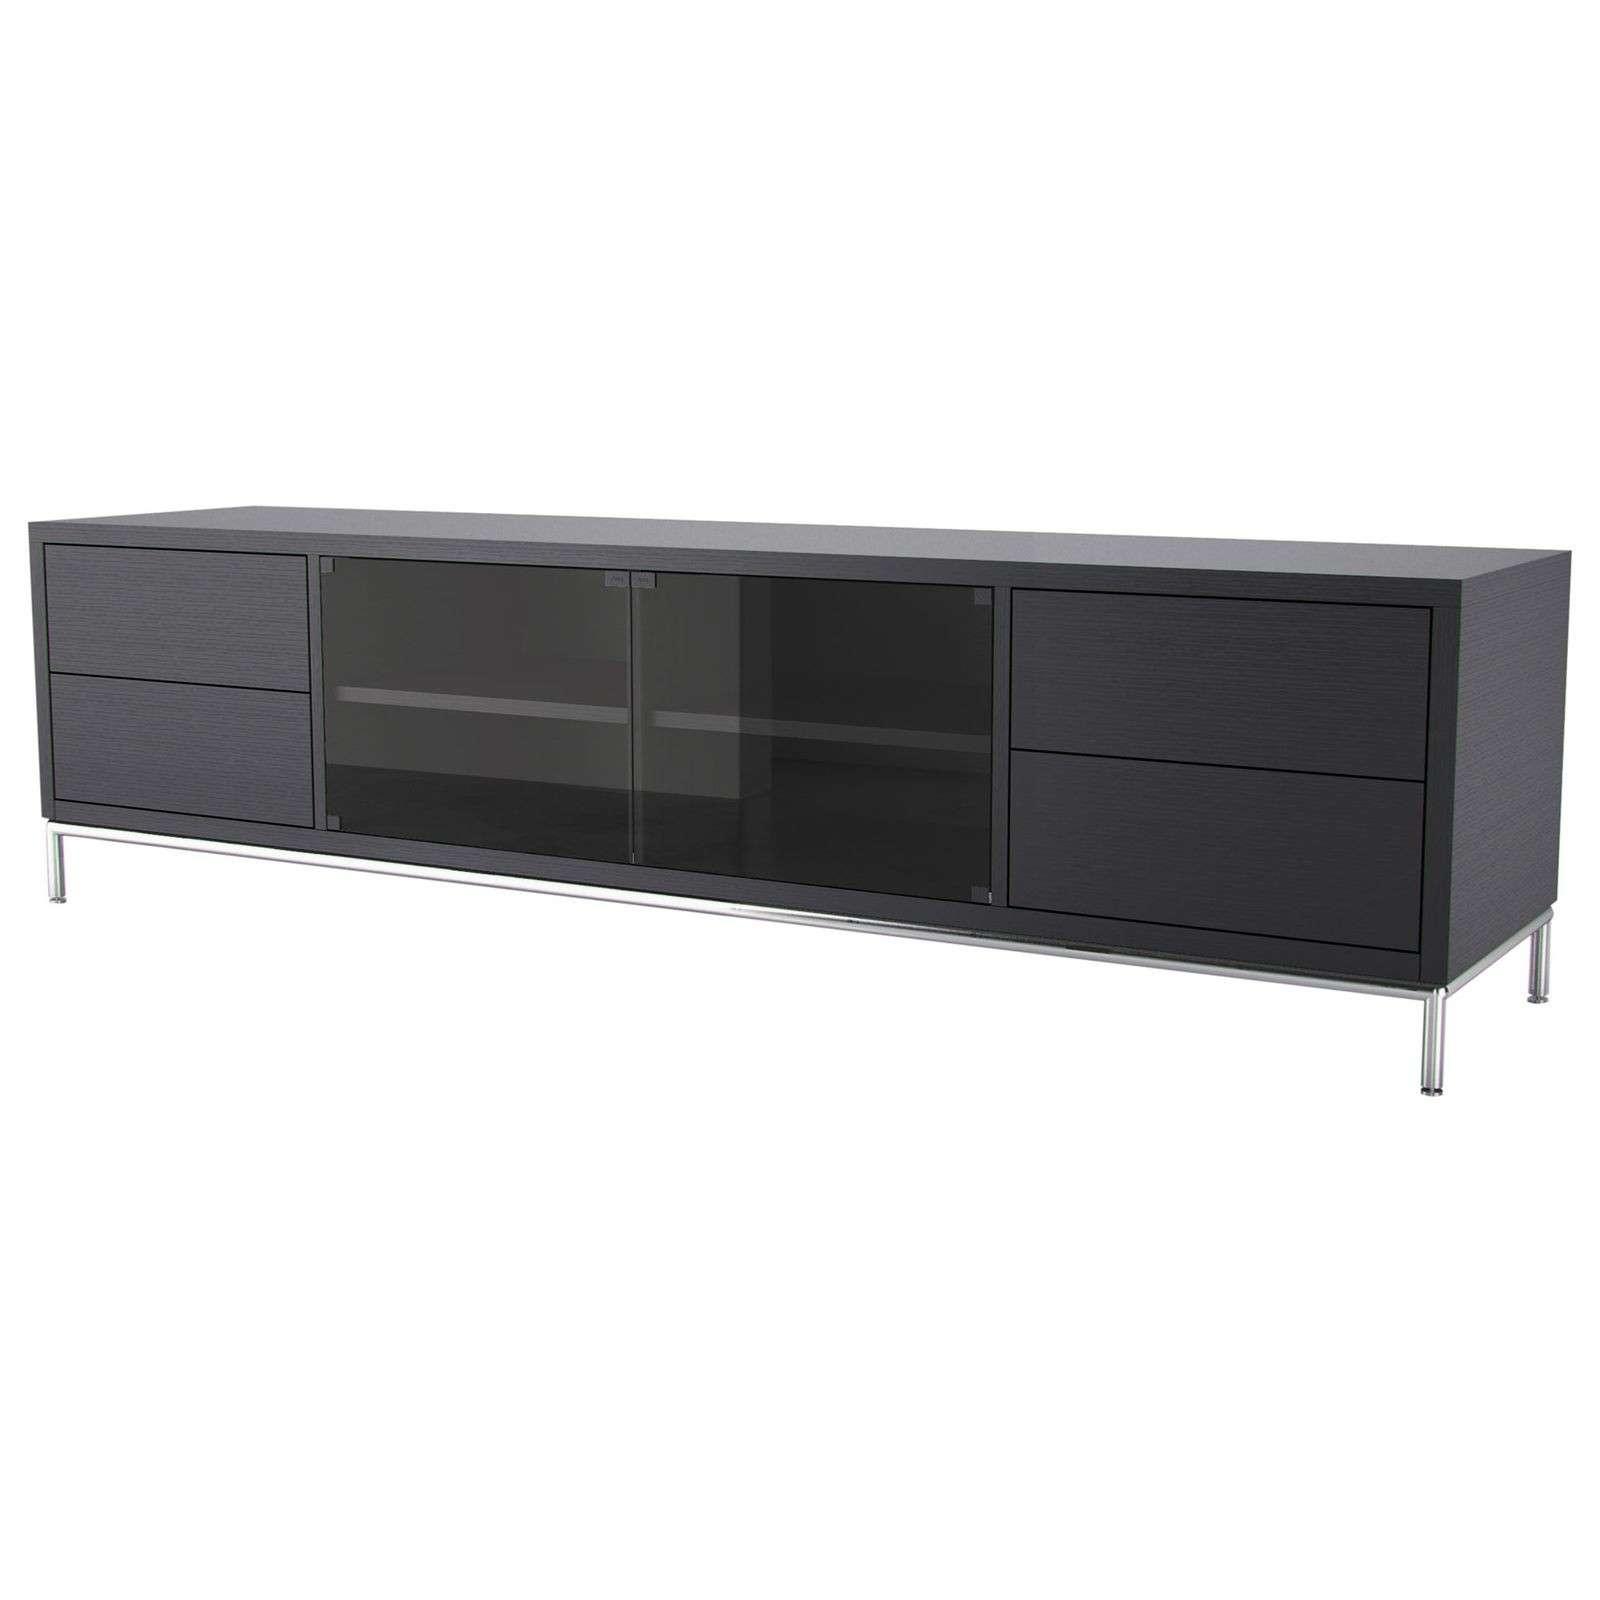 Lenox Media Cabinetmodloft | Modern Tv Stands | Cressina Inside Wenge Tv Cabinets (View 7 of 20)